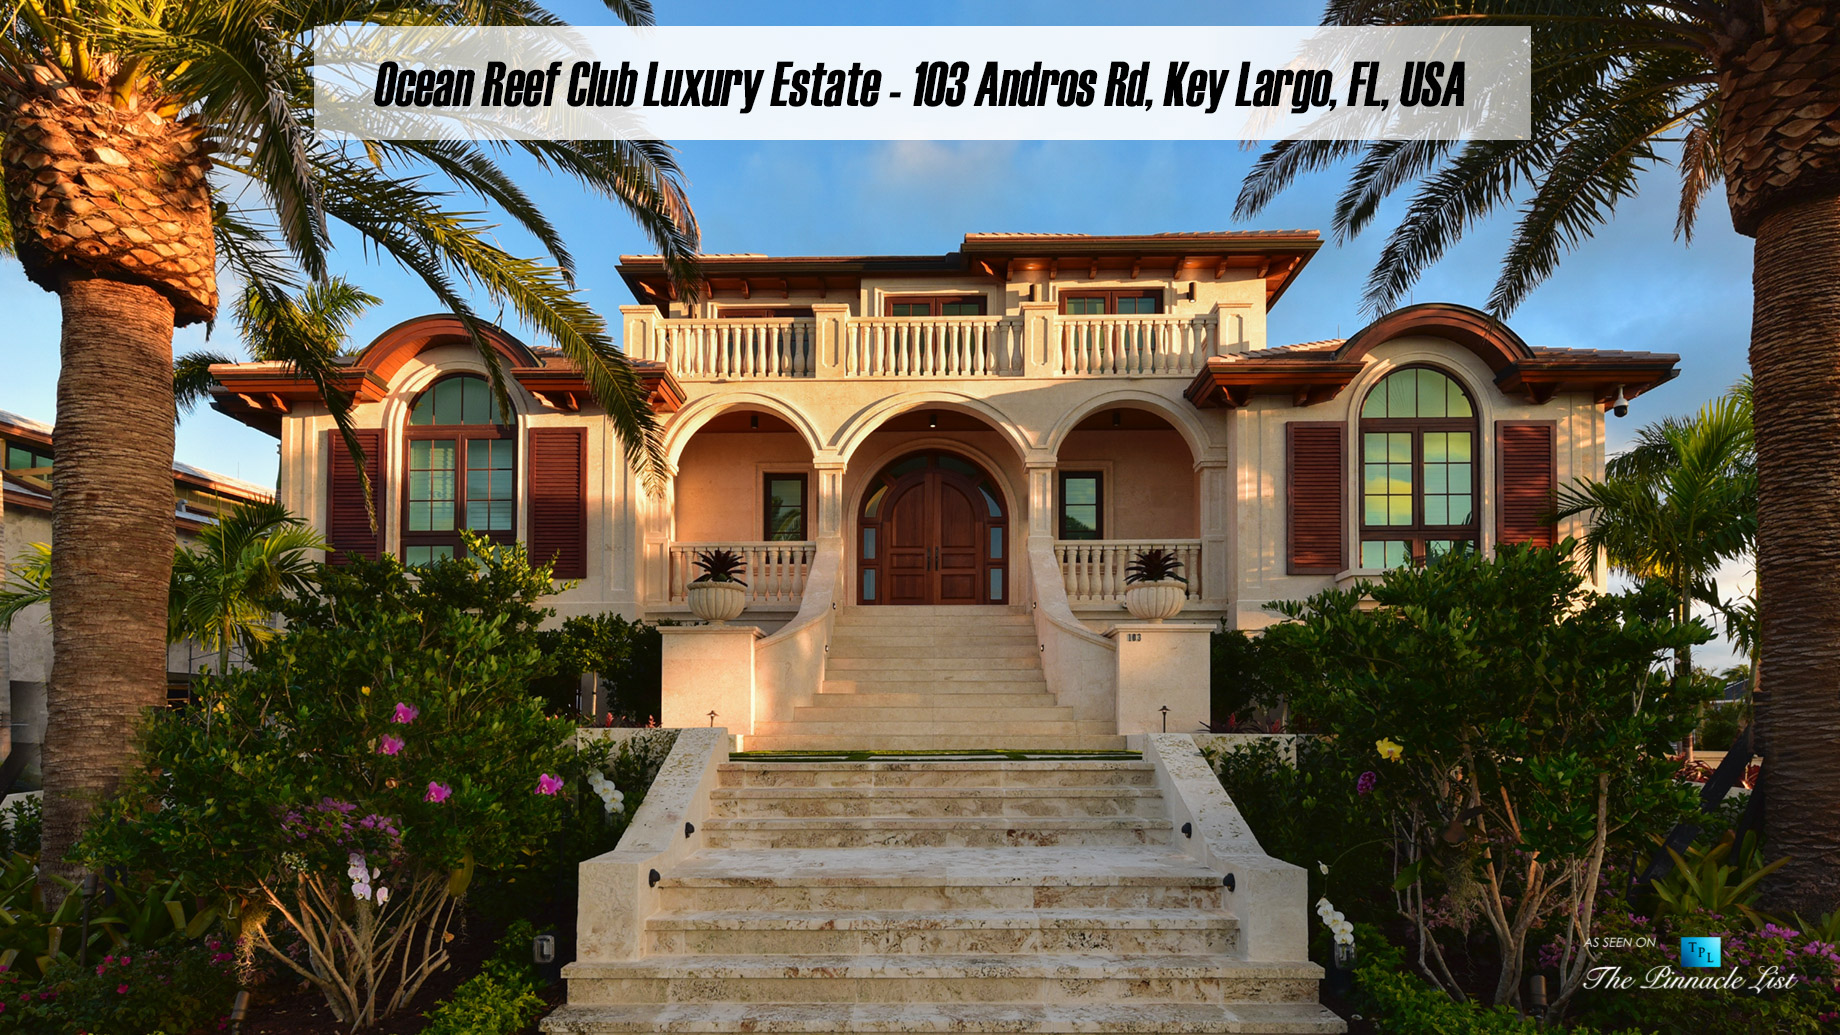 Ocean Reef Club Luxury Estate - 103 Andros Rd, Key Largo, FL, USA